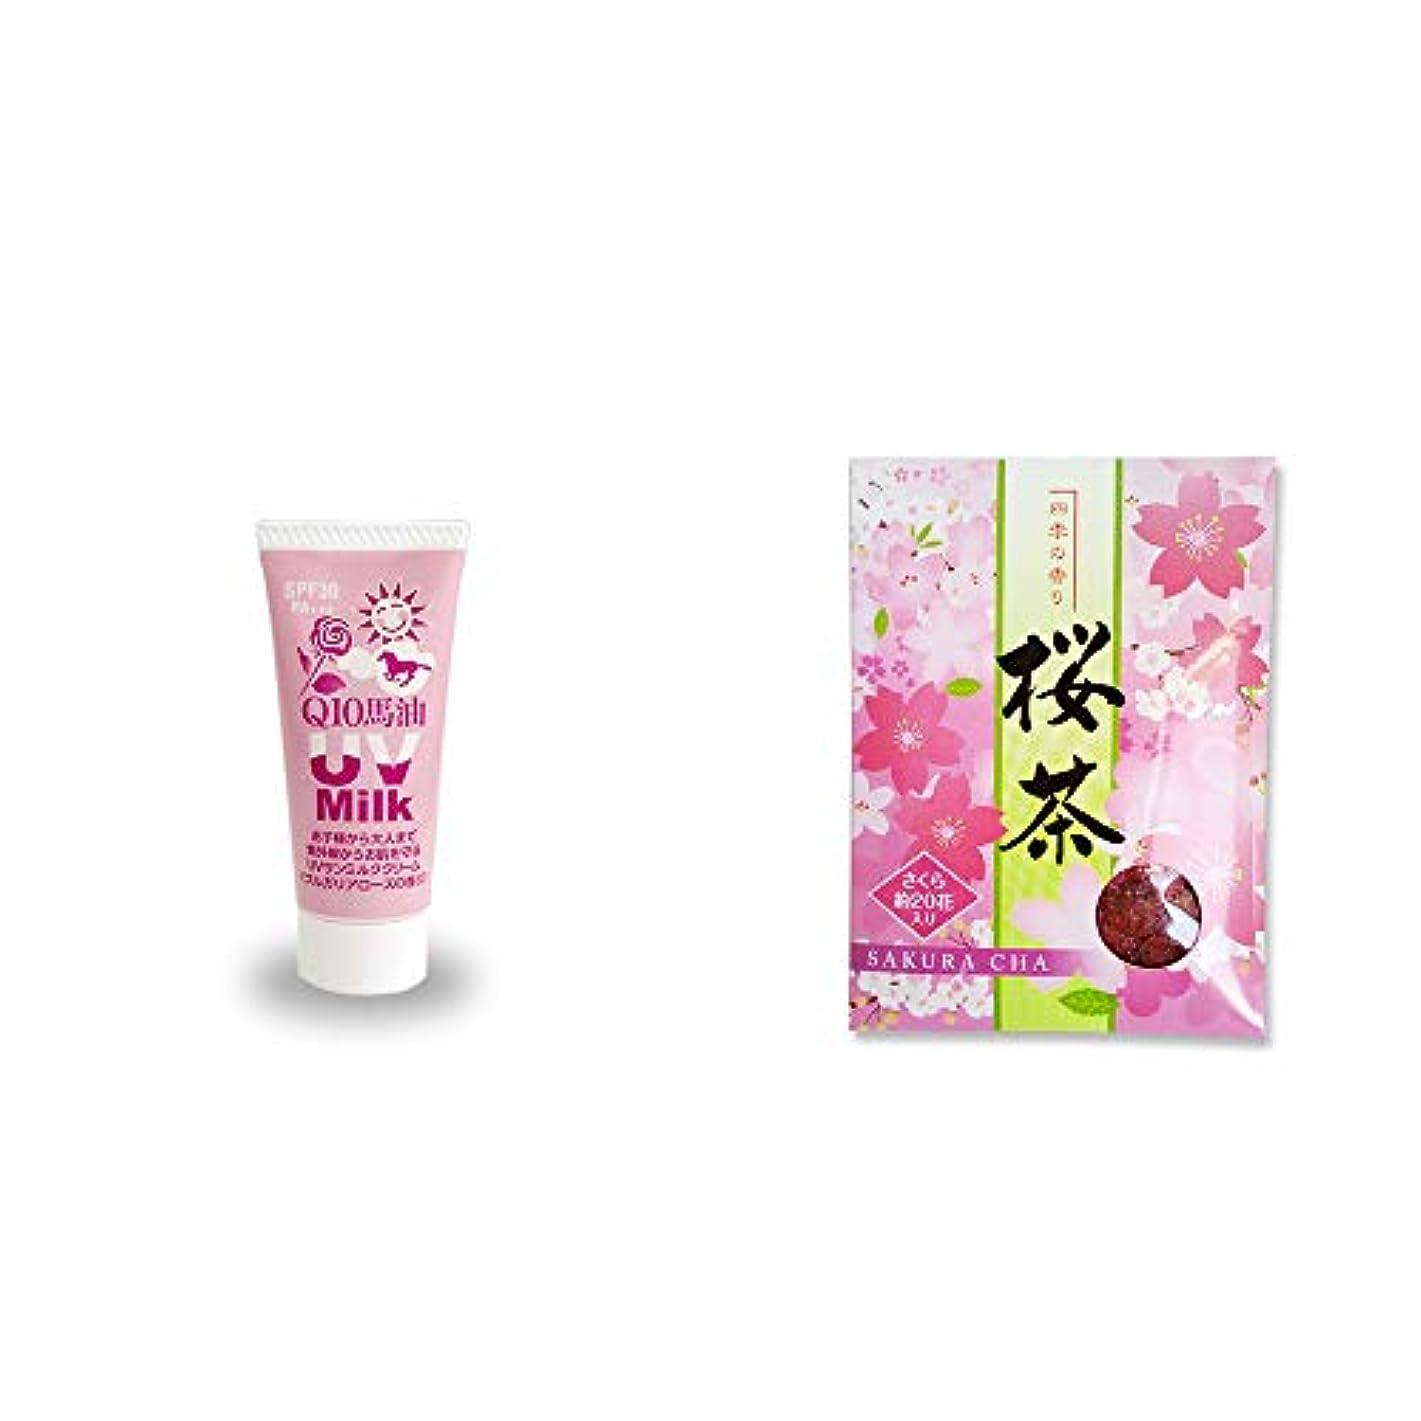 セッティング化粧祈り[2点セット] 炭黒泉 Q10馬油 UVサンミルク[ブルガリアローズ](40g)?桜茶(40g)